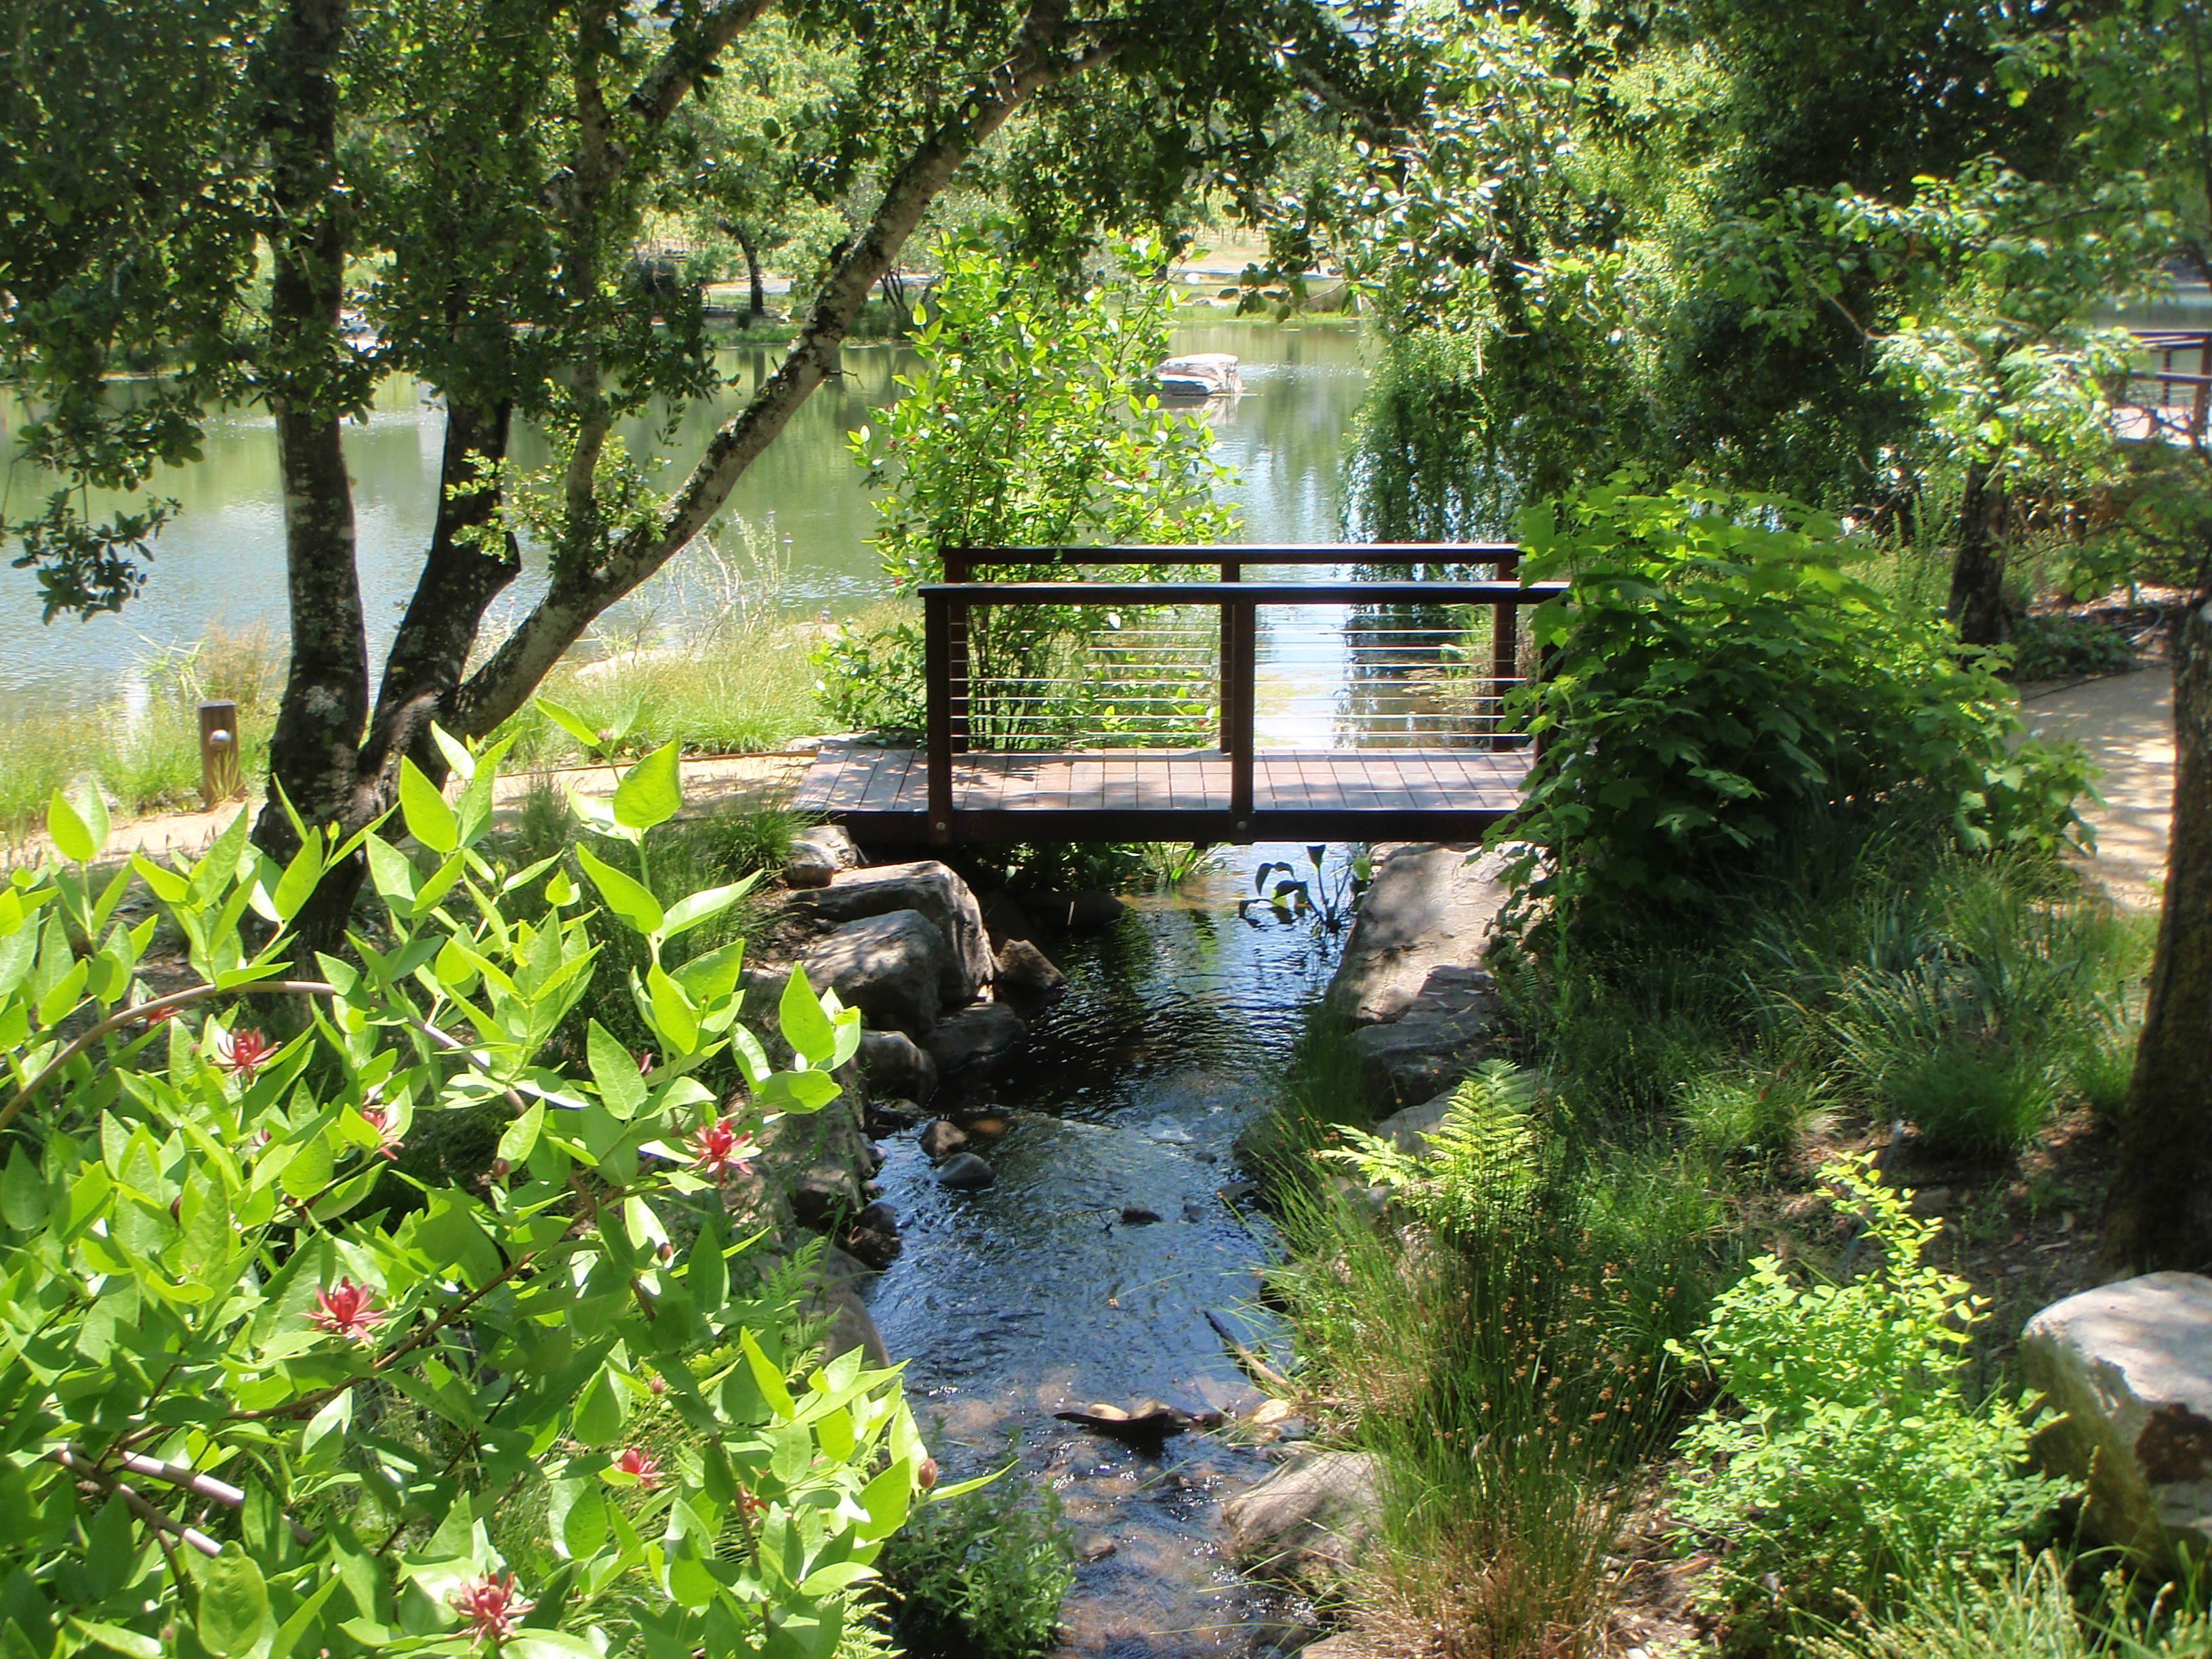 Natural ponds project categories prunuske chatham inc for Pond stream design